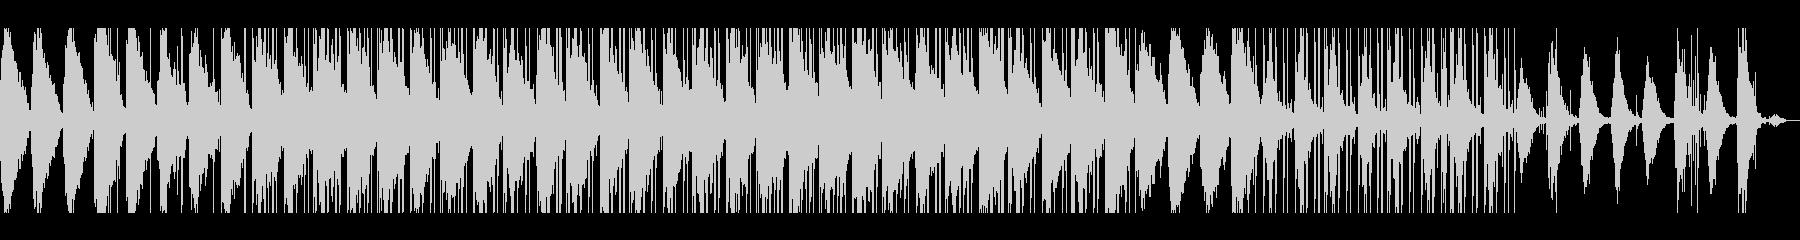 ビーチサーフ Lofi Hhiphopの未再生の波形